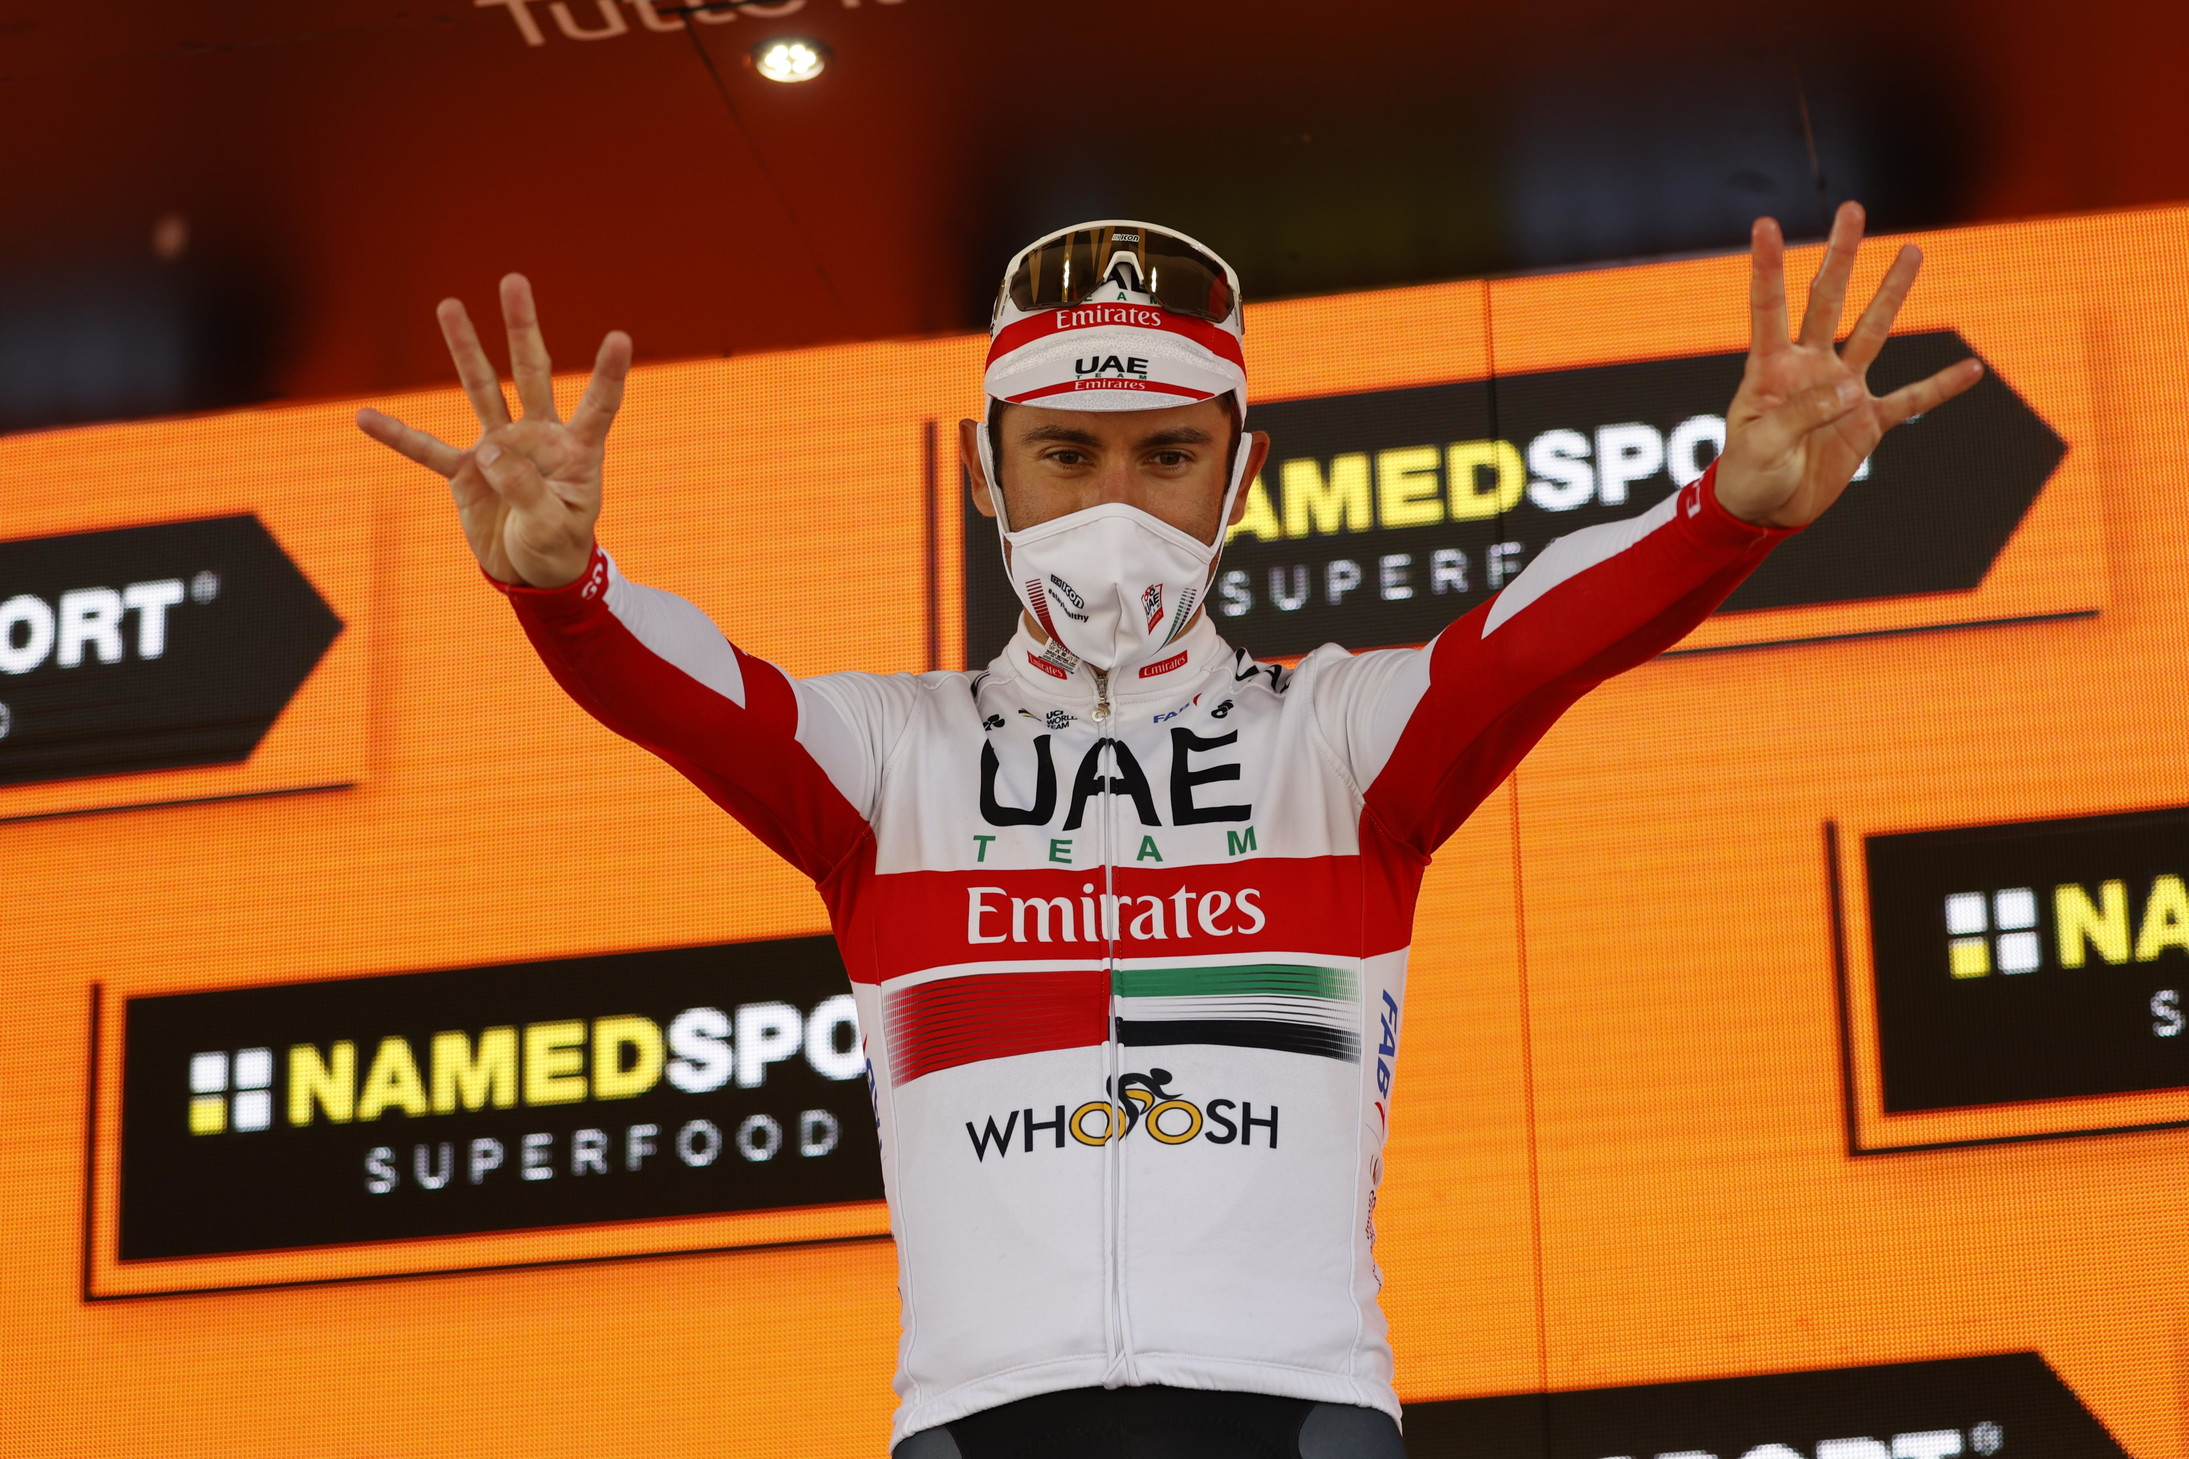 Il duo della UAE Team Emirates Davide Formolo e Diego Ulissi, 8 successi di tappa in carriera al Giro per quest'ultimo.